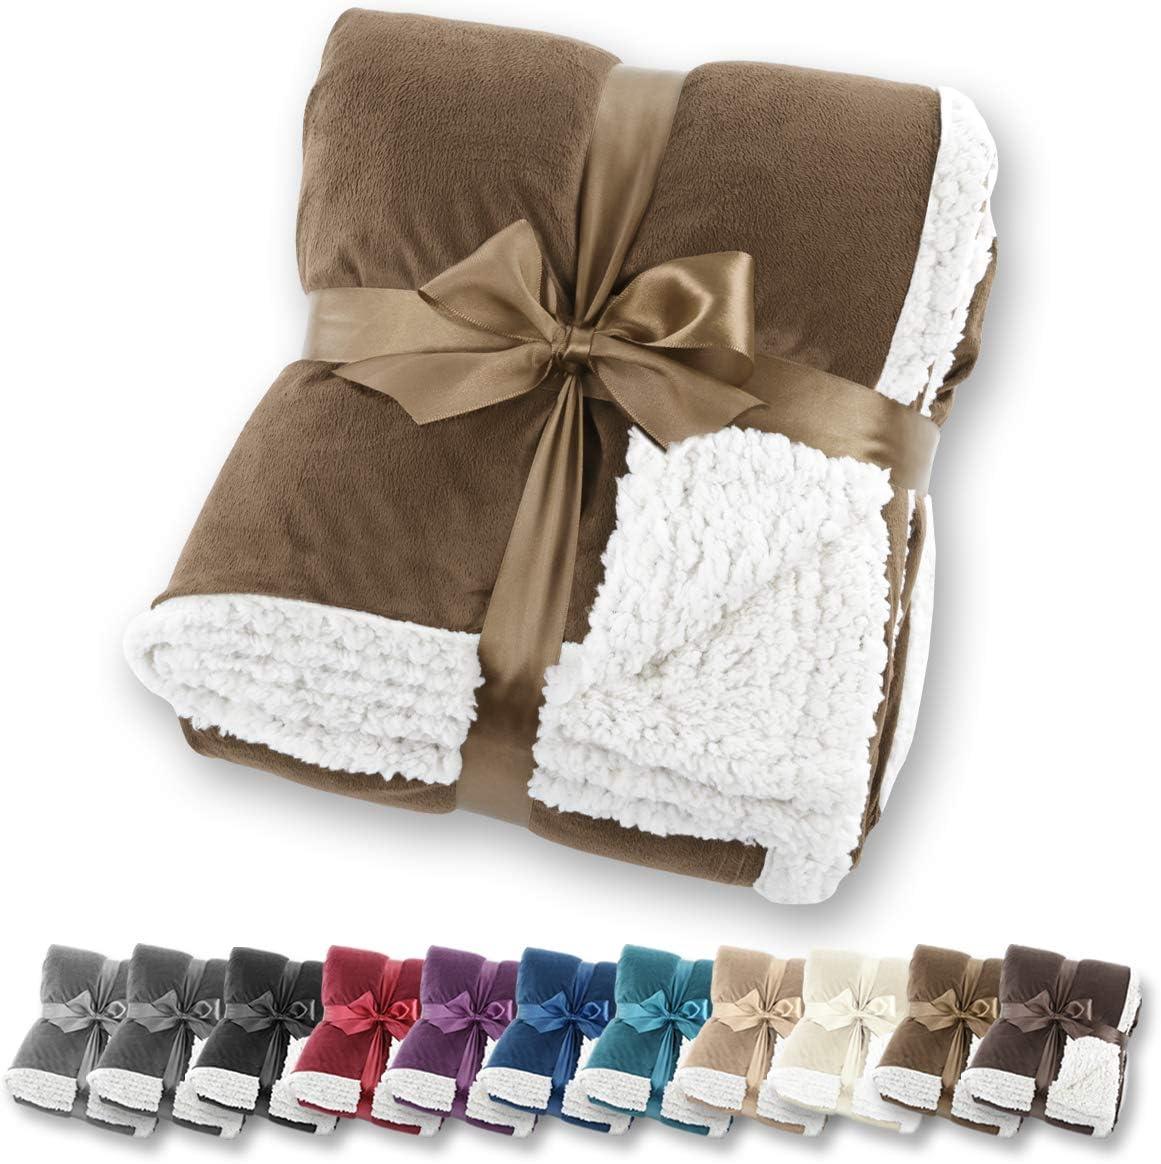 Manta de aspecto de piel de cordero Gräfenstayn® - Varios tamaños y colores - Manta para la sala de estar - Manta de microfibra de franela (Marrón, 200x150 cm)